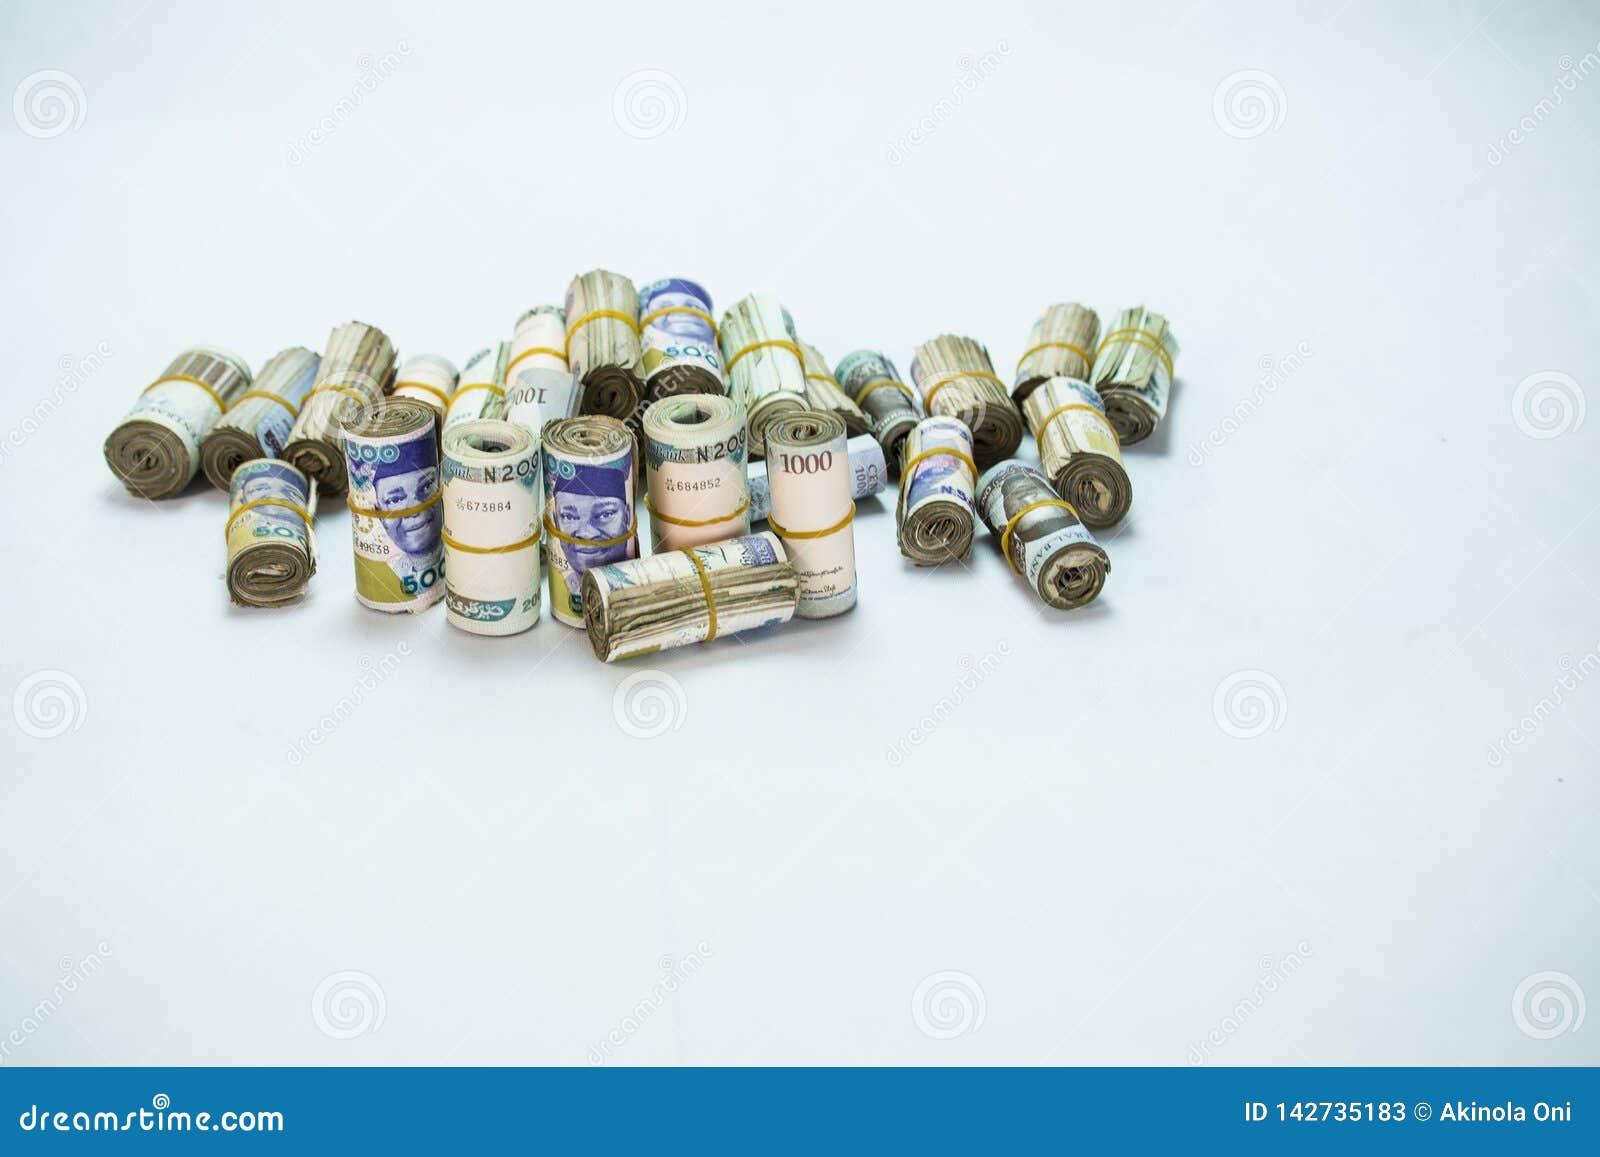 Rolls e os pacotes de naira descontam moedas locais em um montão da pirâmide